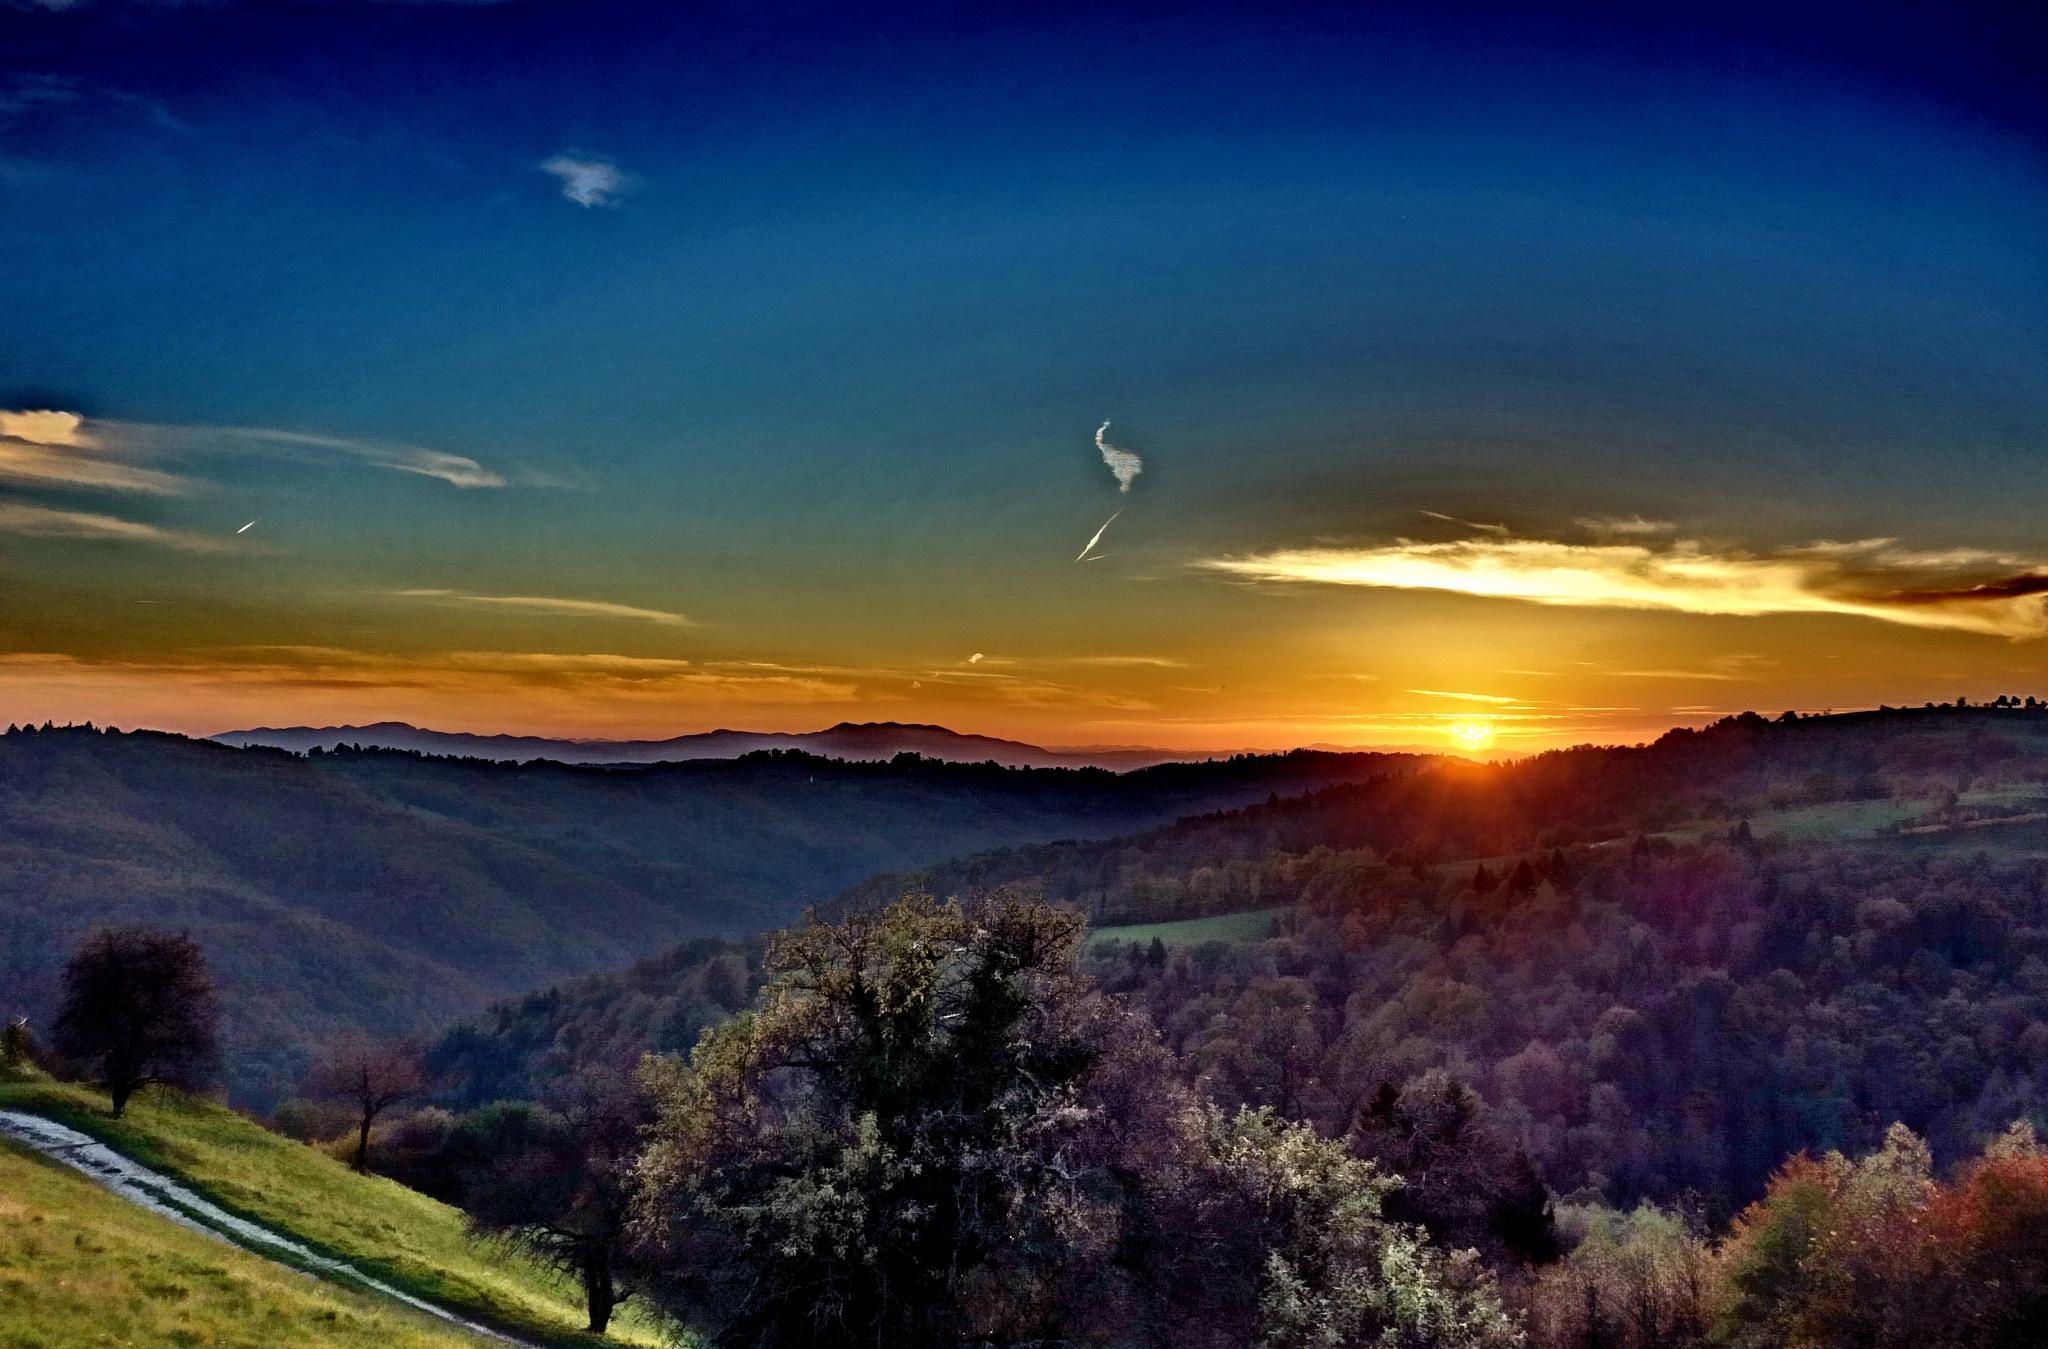 sunset from Janče by BernardaBizjak